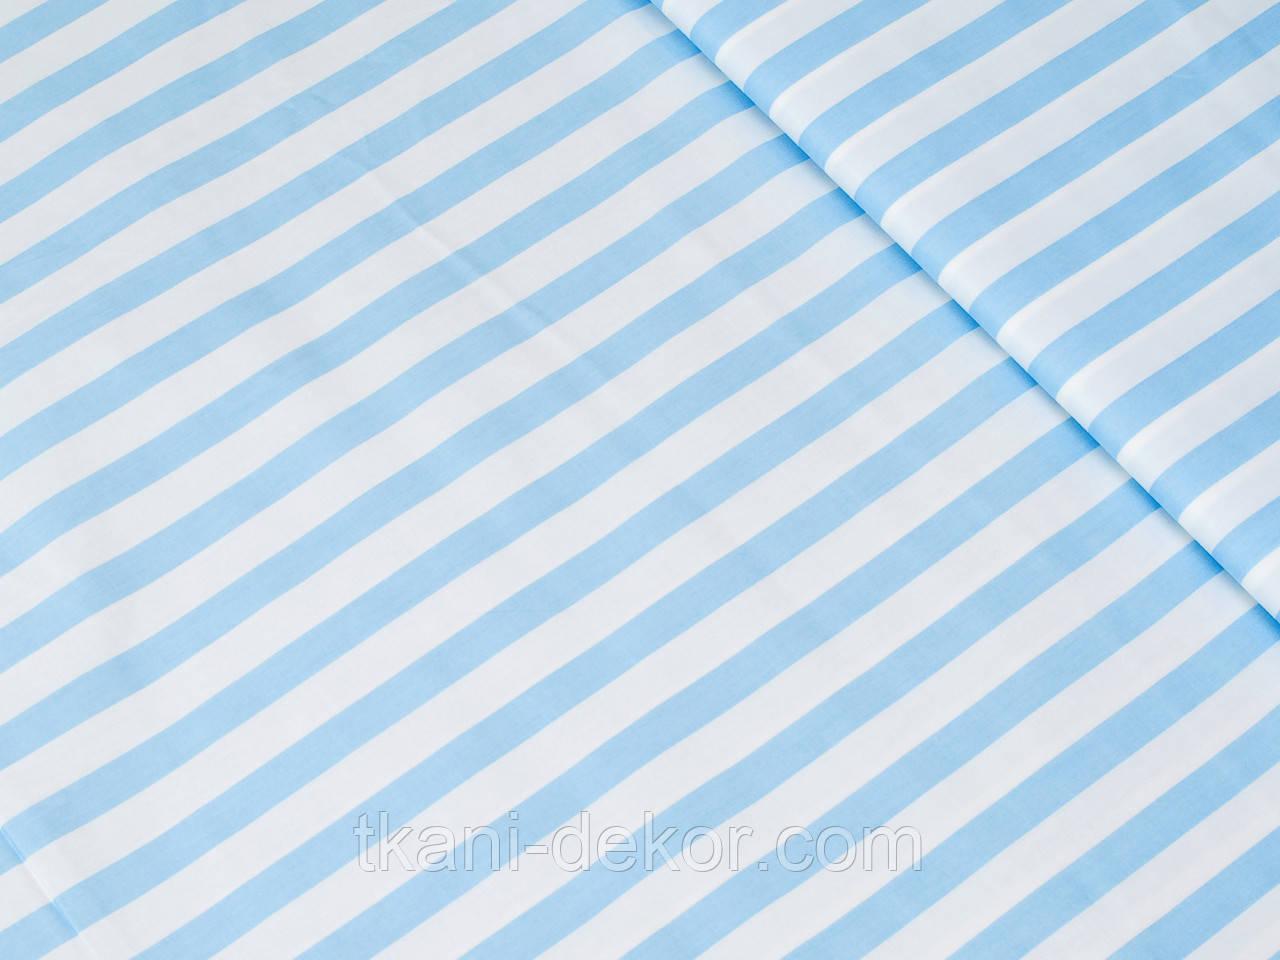 Сатин (хлопковая ткань) бело-голубая полоска